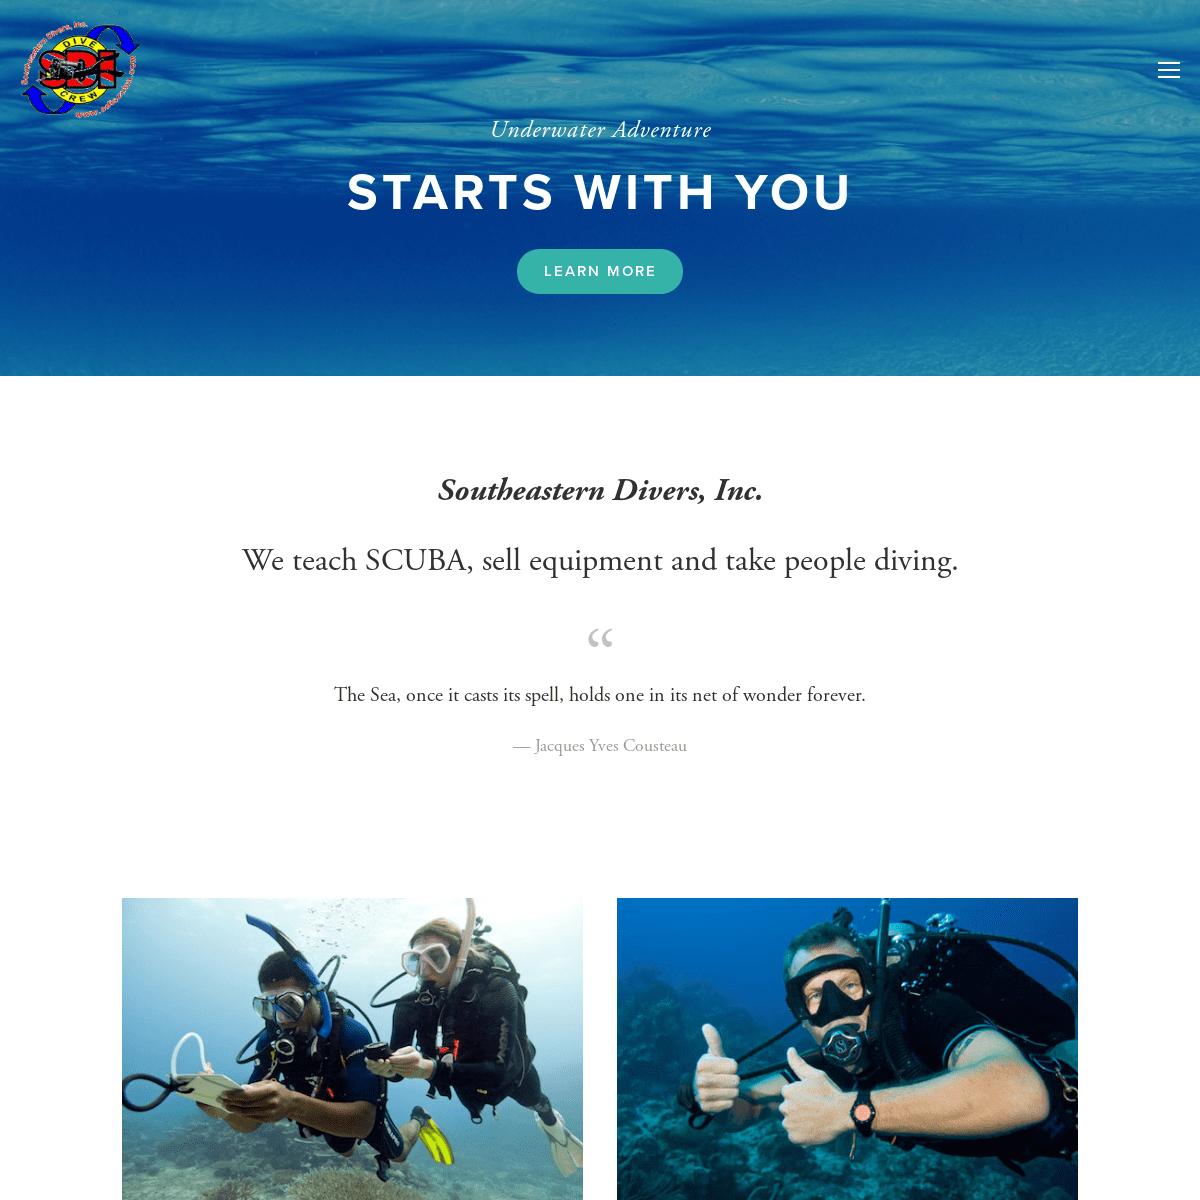 ArchiveBay.com - sdiscuba.com - Southeastern Divers, Inc.